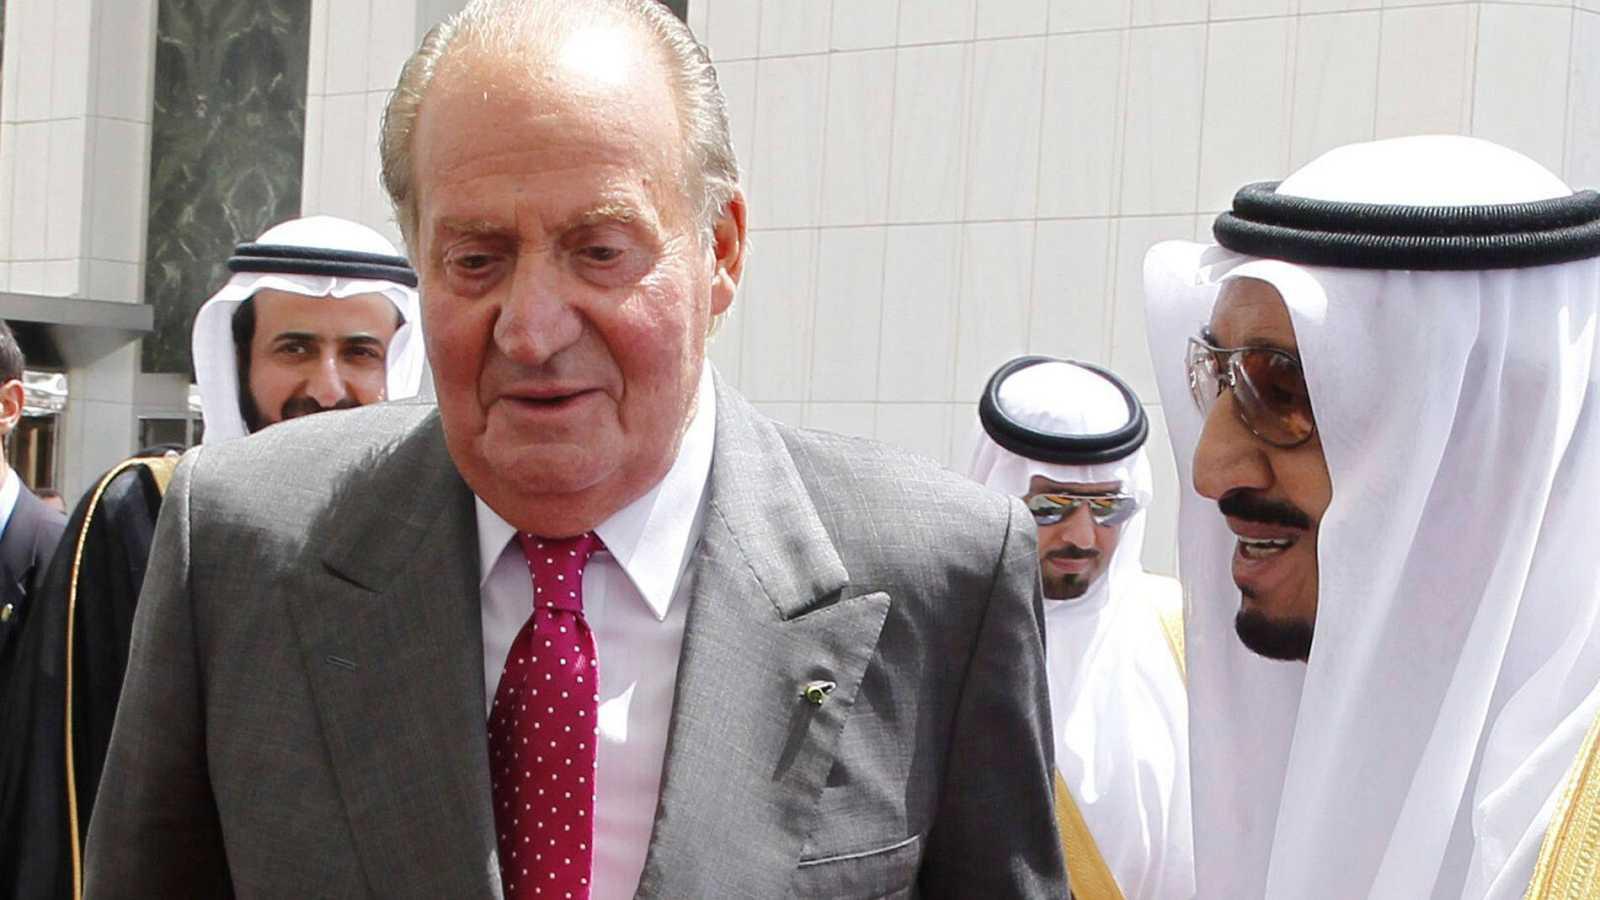 Suiza investiga una presunta comisión al rey Juan Carlos por el AVE a La Meca